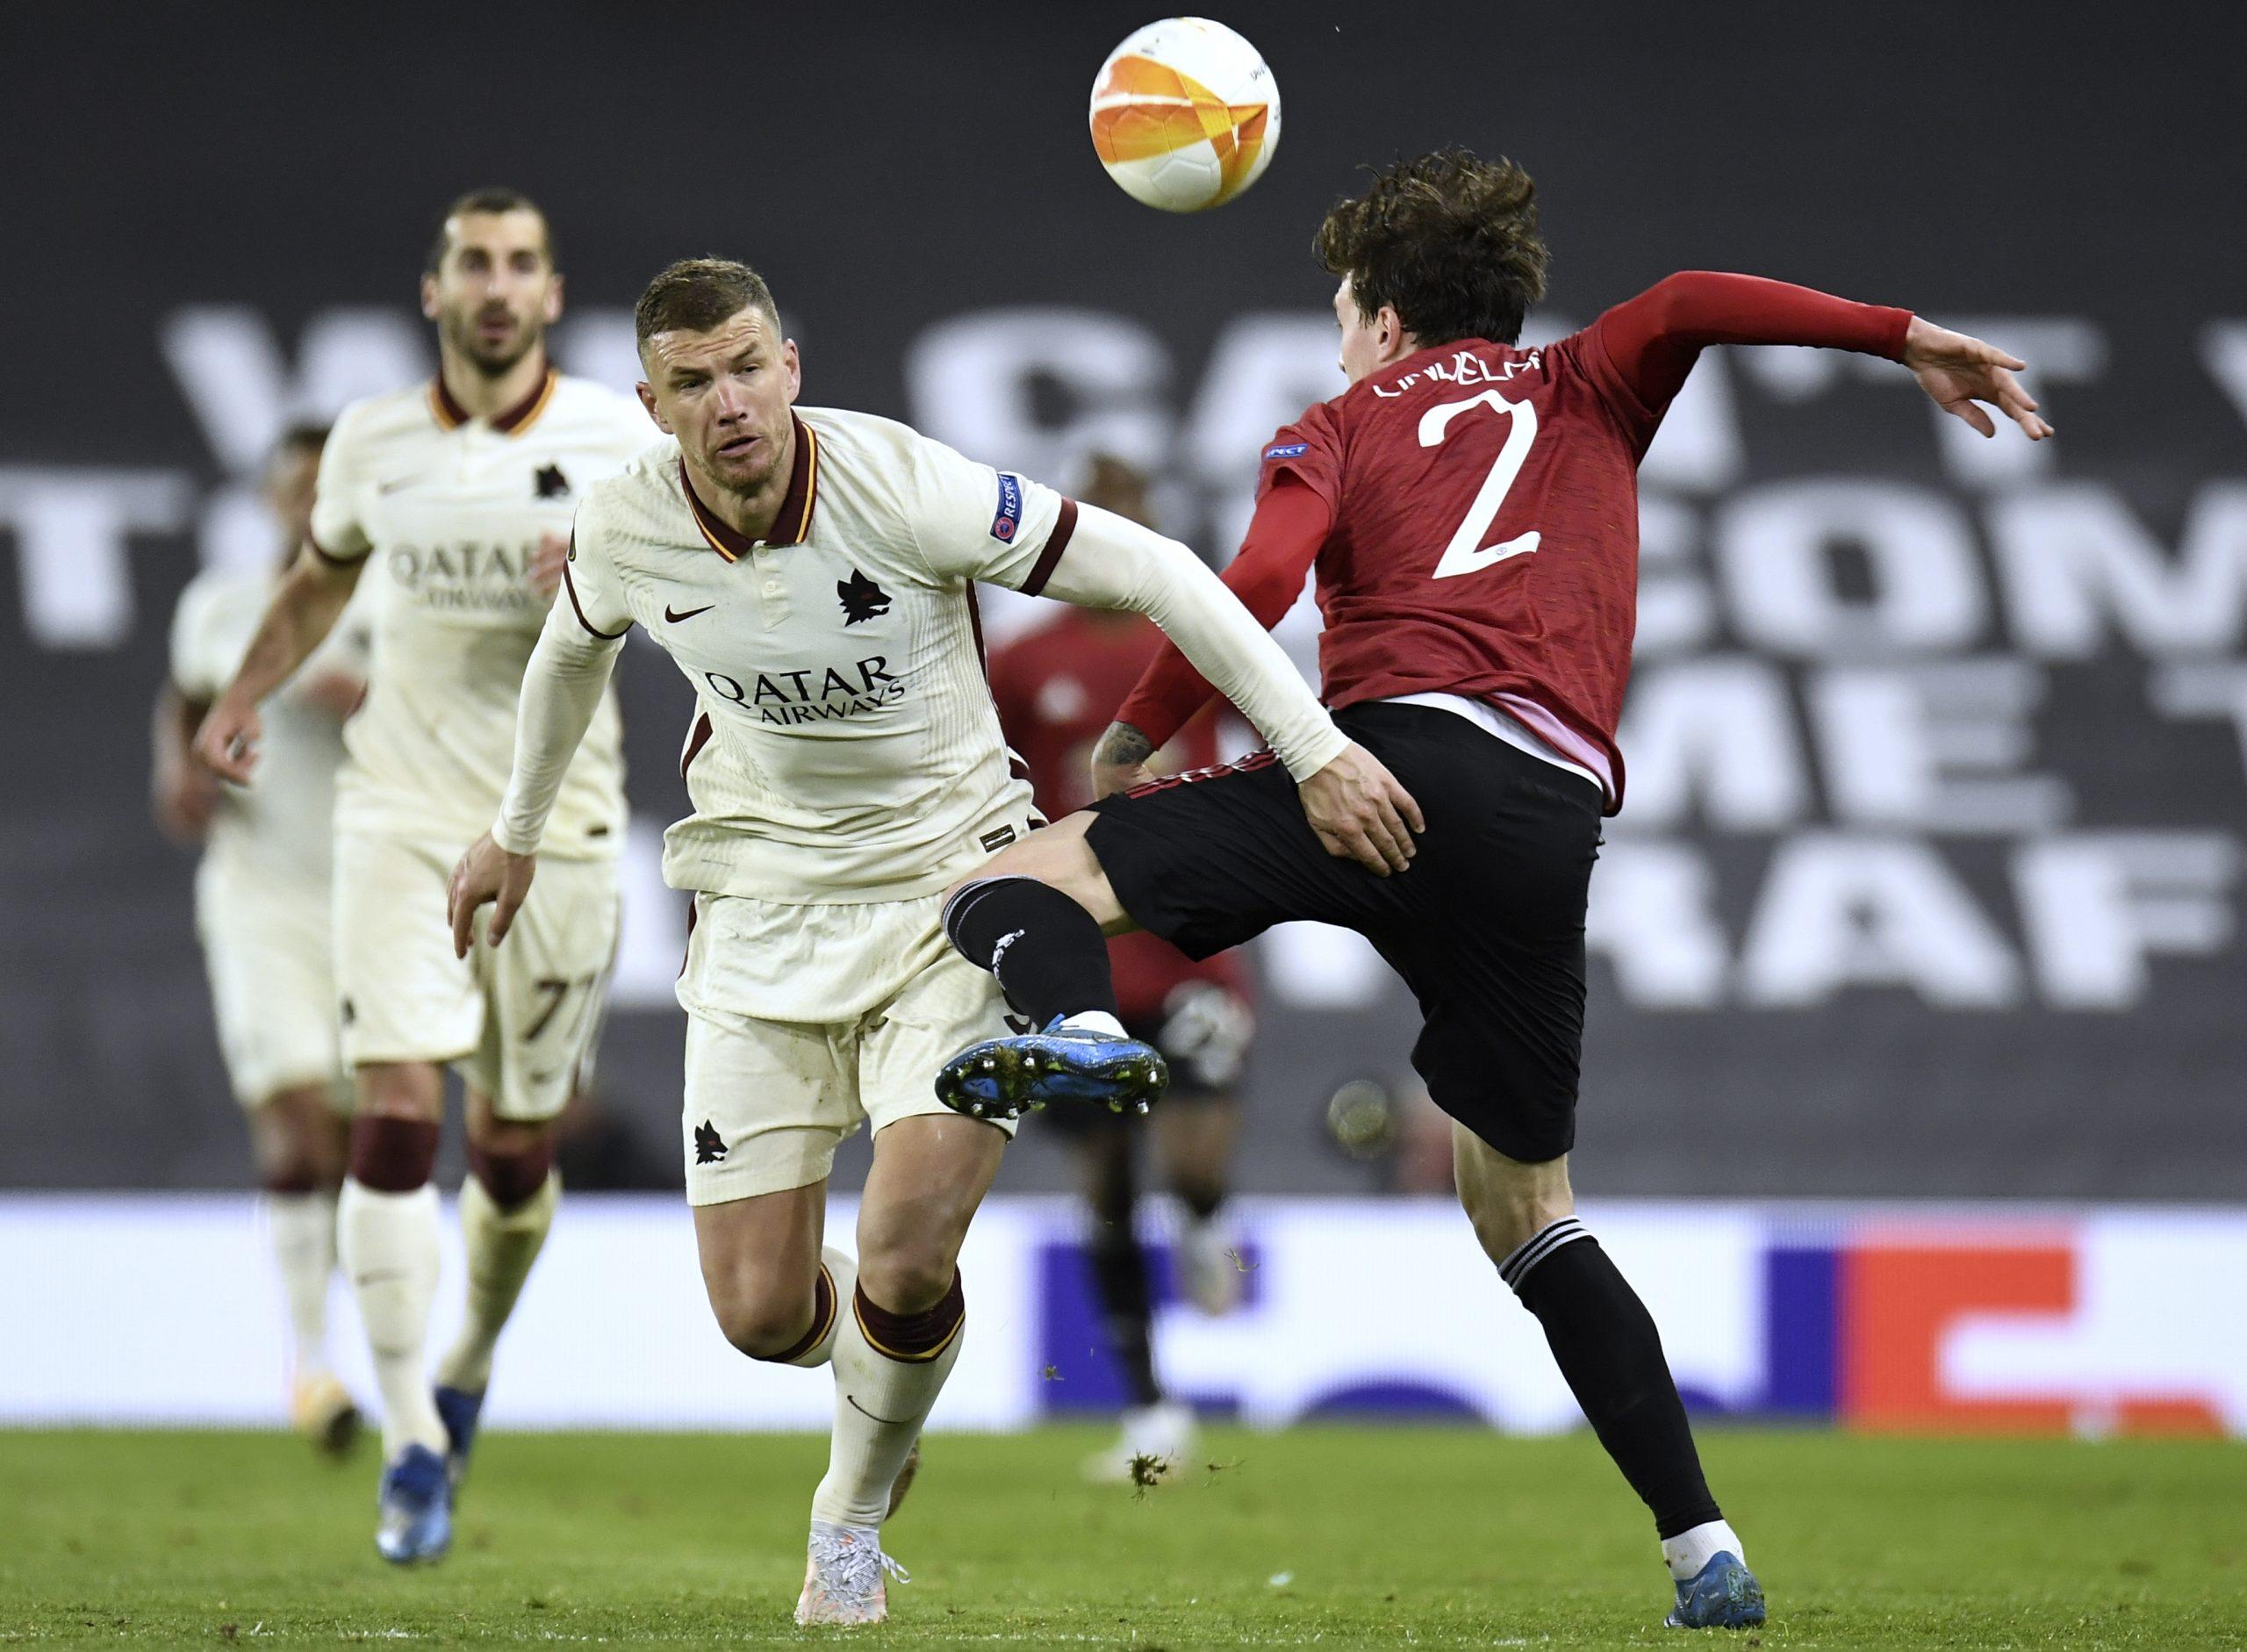 Mančester junajted deklasirao Romu, Viljareal bolji od Arsenala u prvim mečevima polufinala LE 1